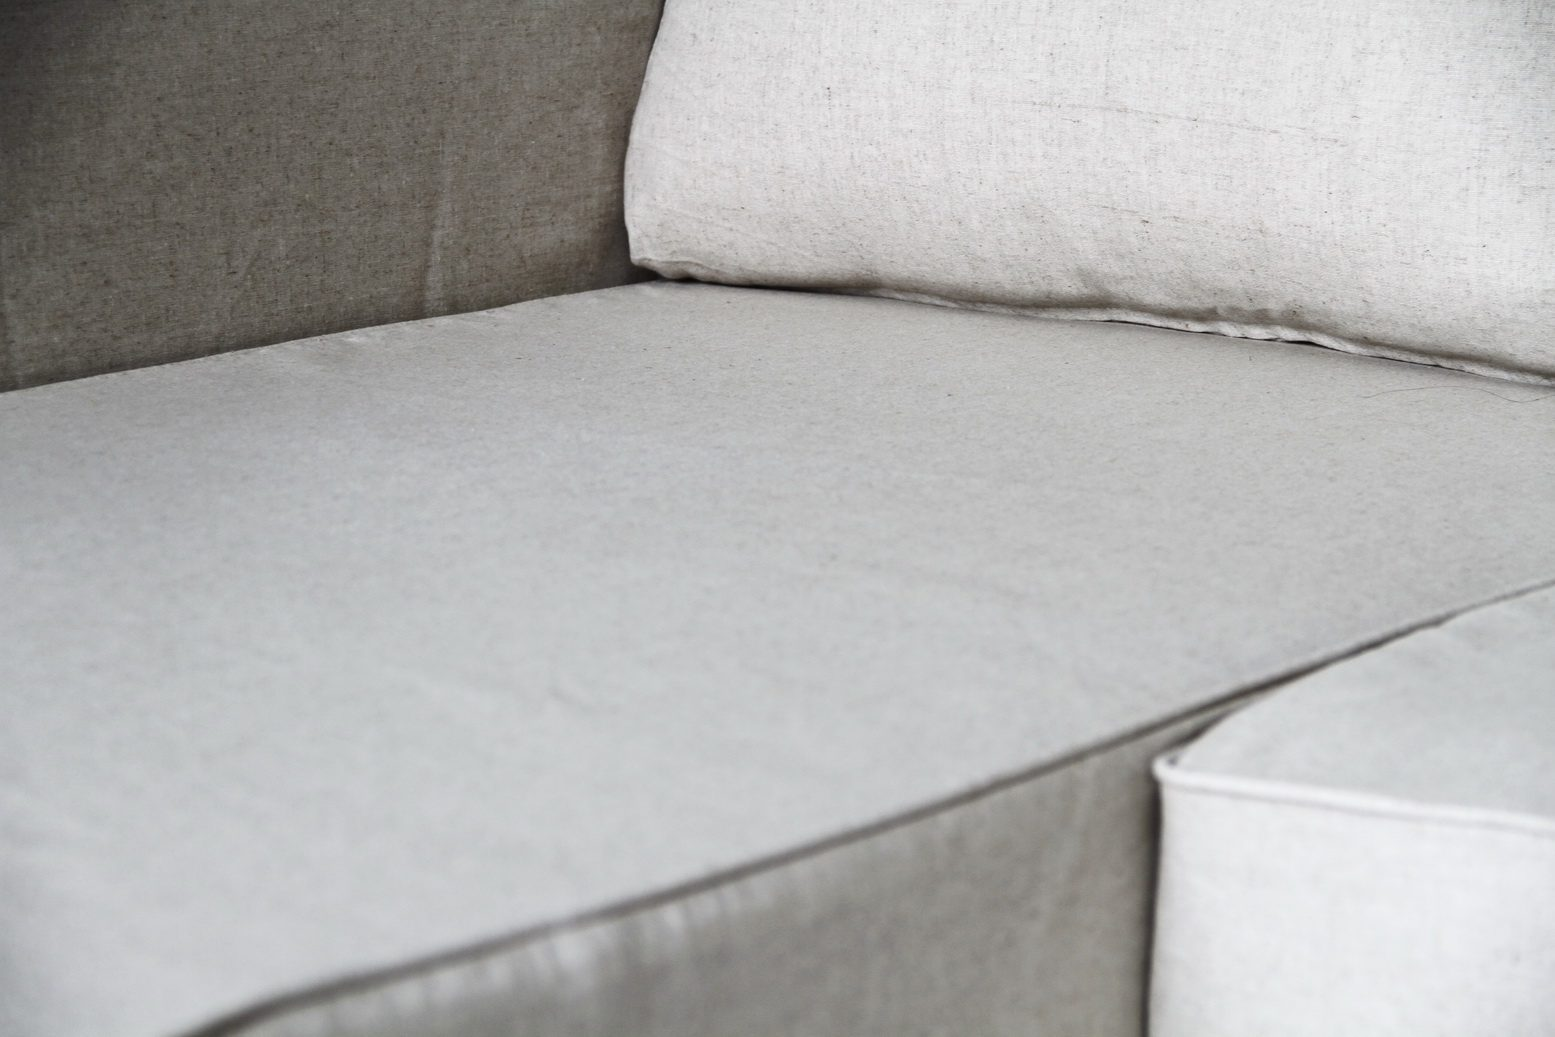 ikea manstad sofa bed custom slipcover comfort works 5 resize comfort works blog design. Black Bedroom Furniture Sets. Home Design Ideas